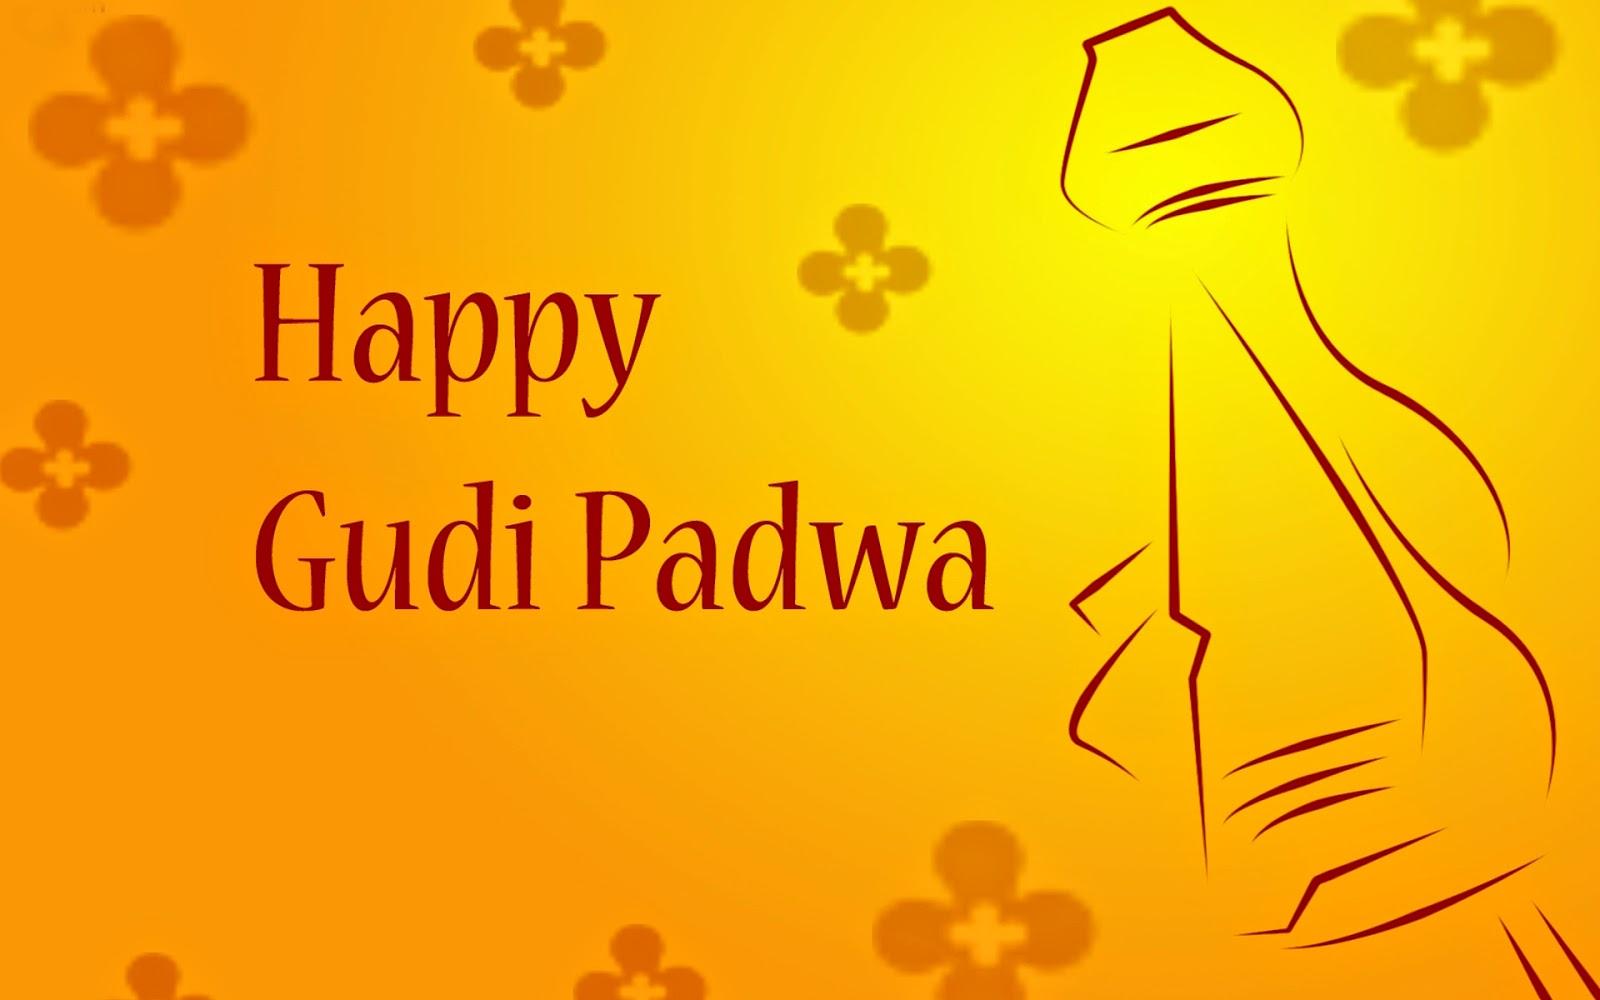 Gudi Padwa Wallpapersp 10 Gudi Padwa Hd Images Alike Thoughts